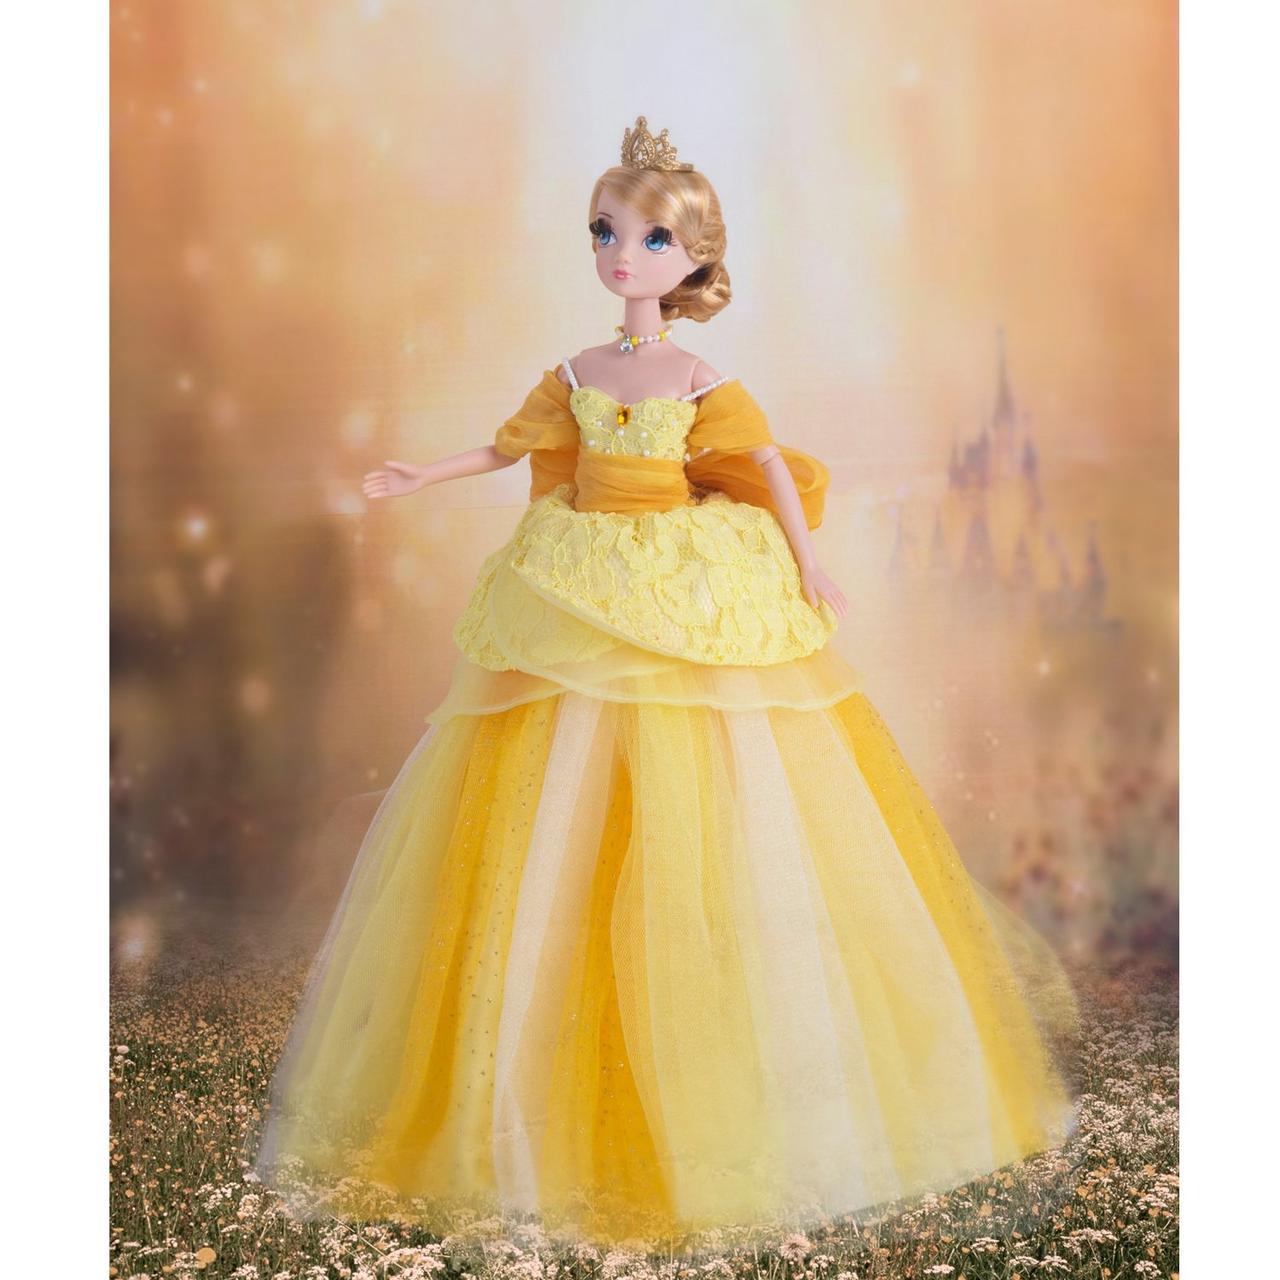 """Кукла Sonya Rose, серия """"Gold collection"""" Солнечный свет (Gulliver, Россия) - фото 1"""